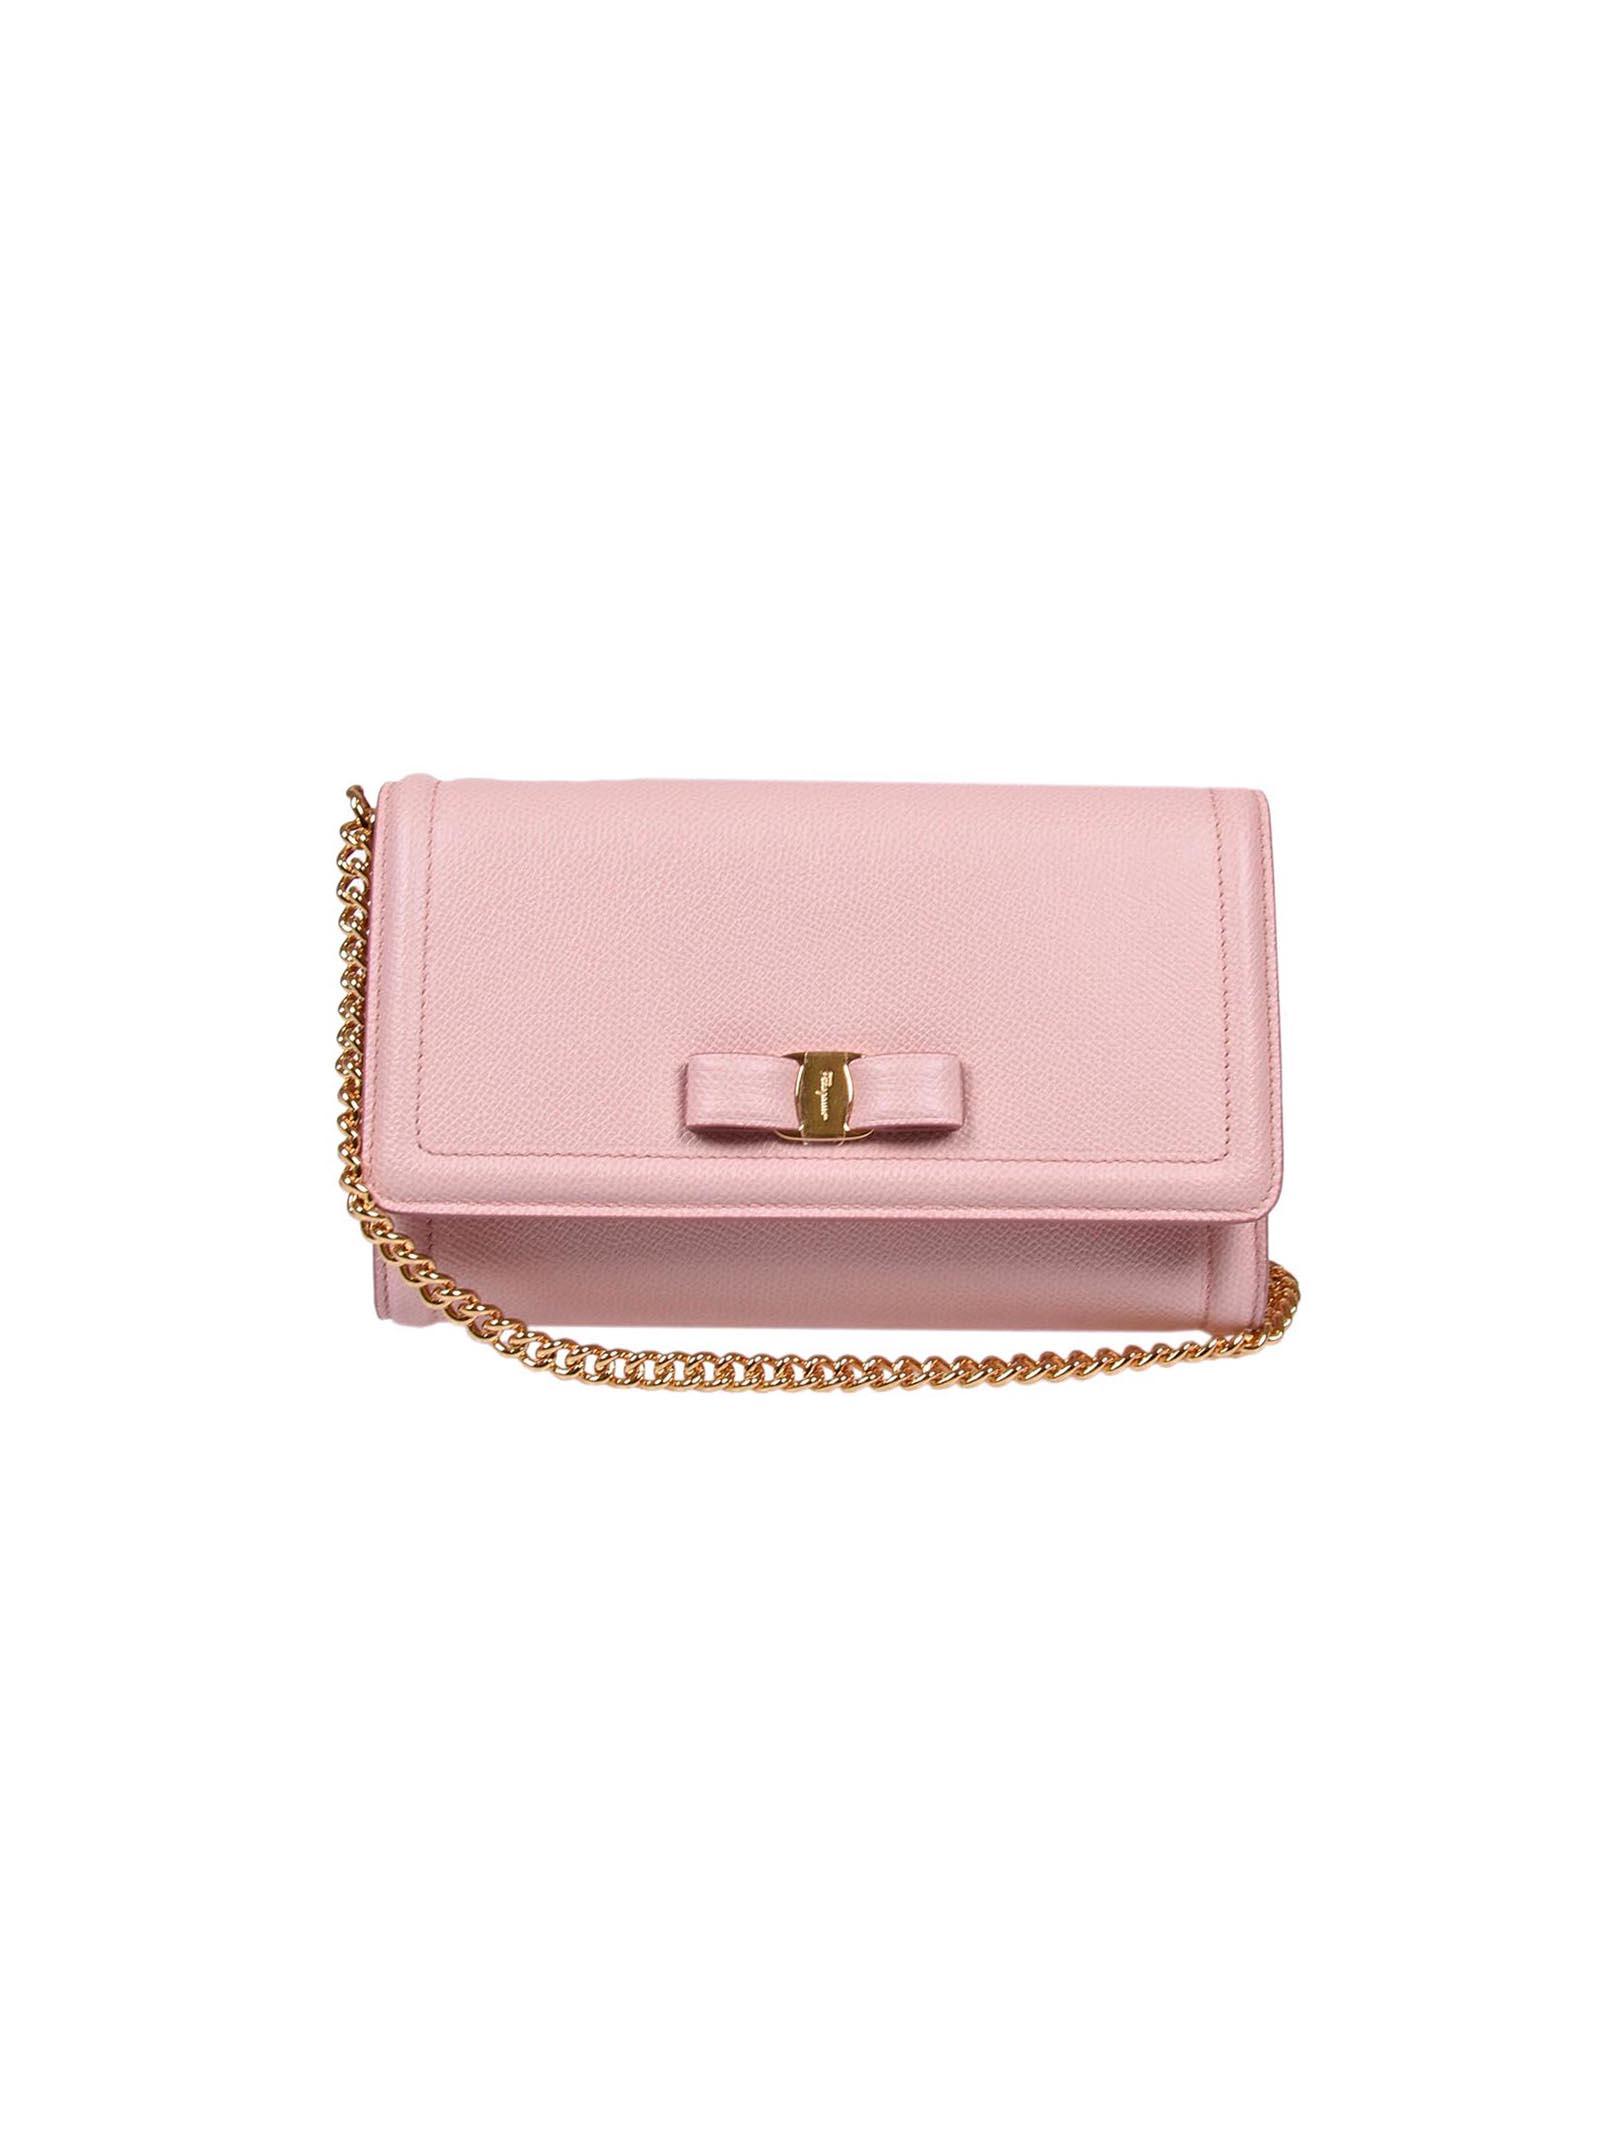 Salvatore Ferragamo Vara Mini Bag In Bonbon  d5885731a3133